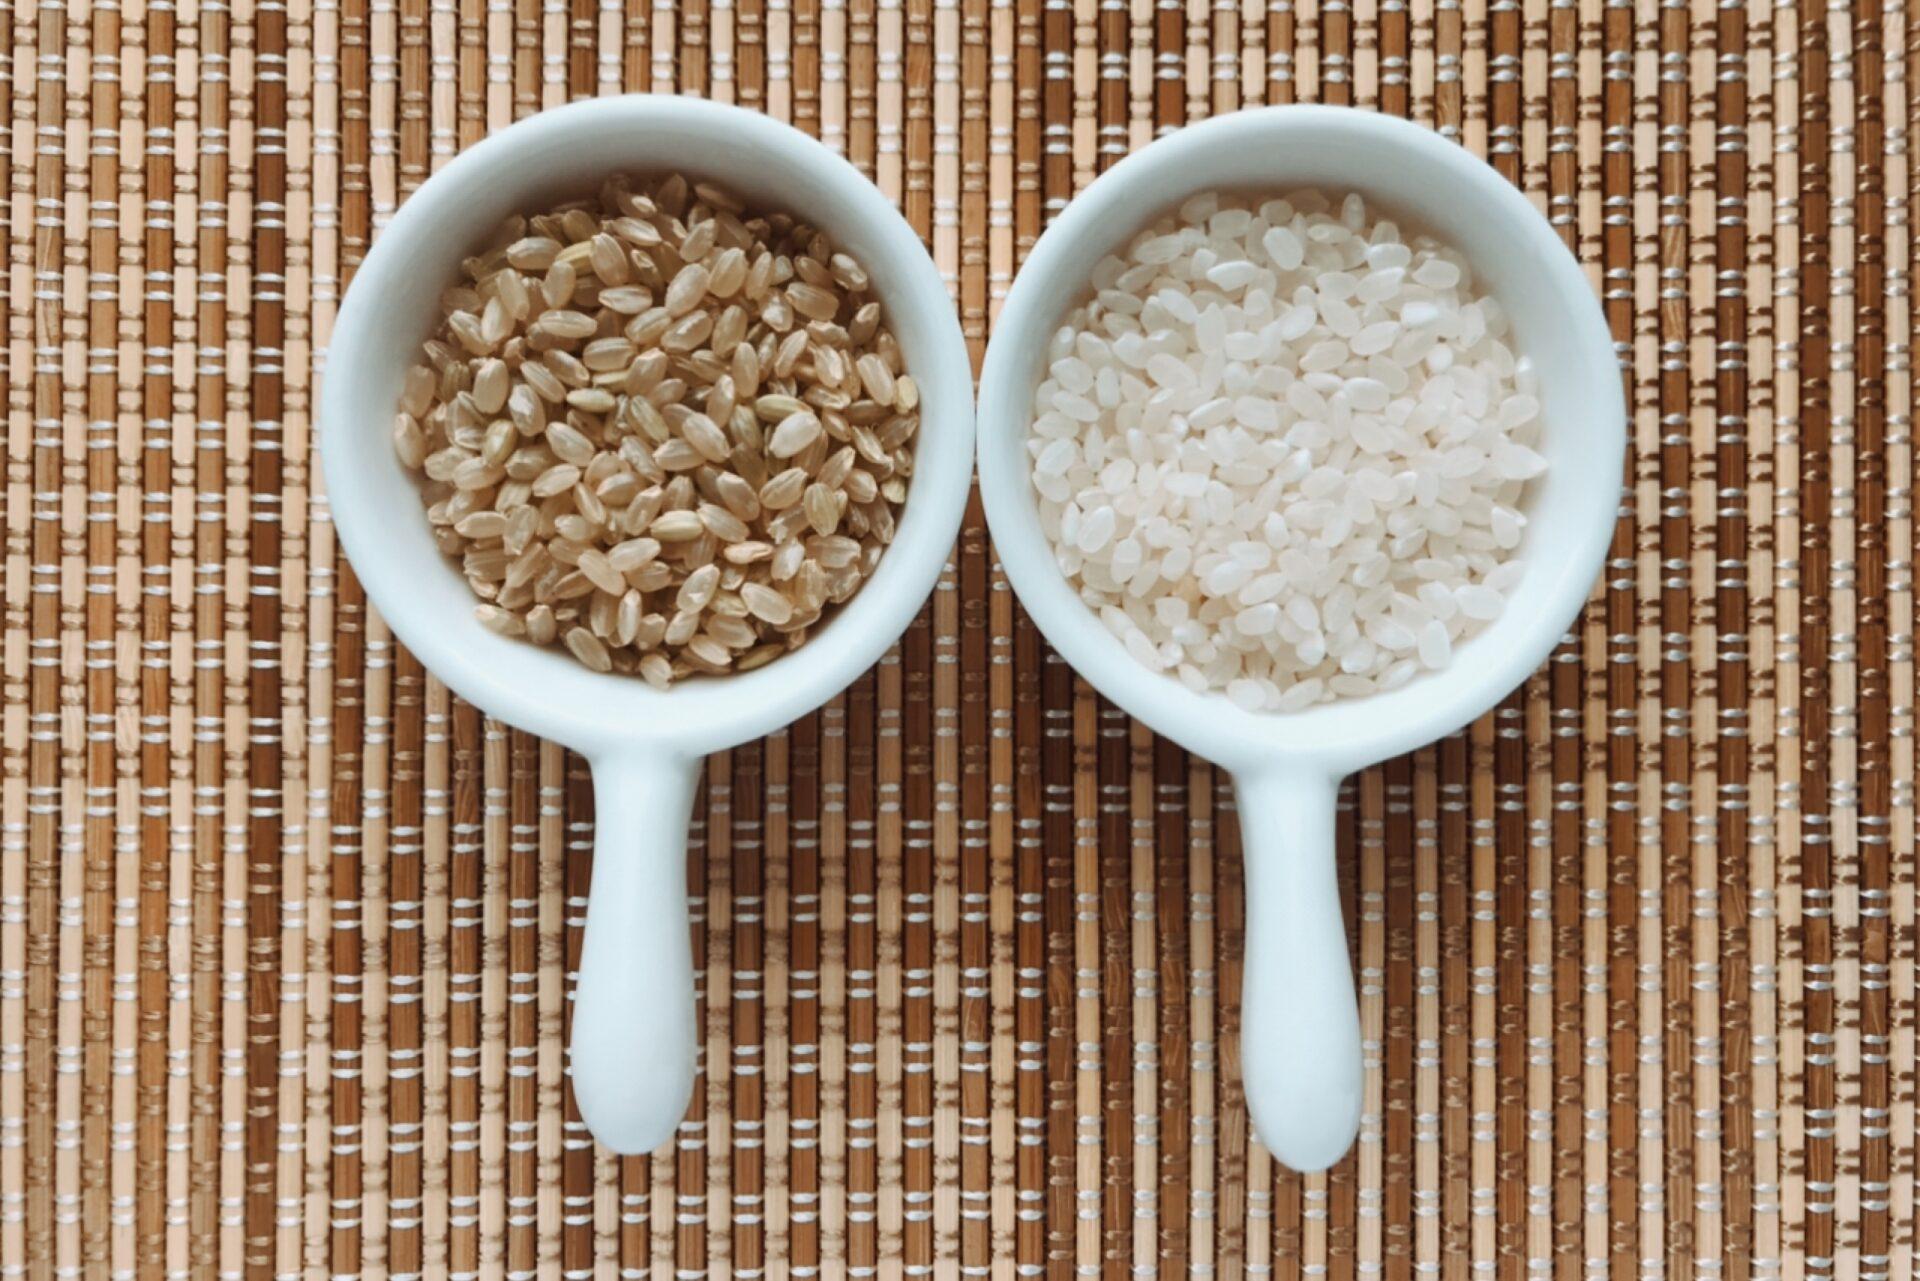 白米と玄米混合